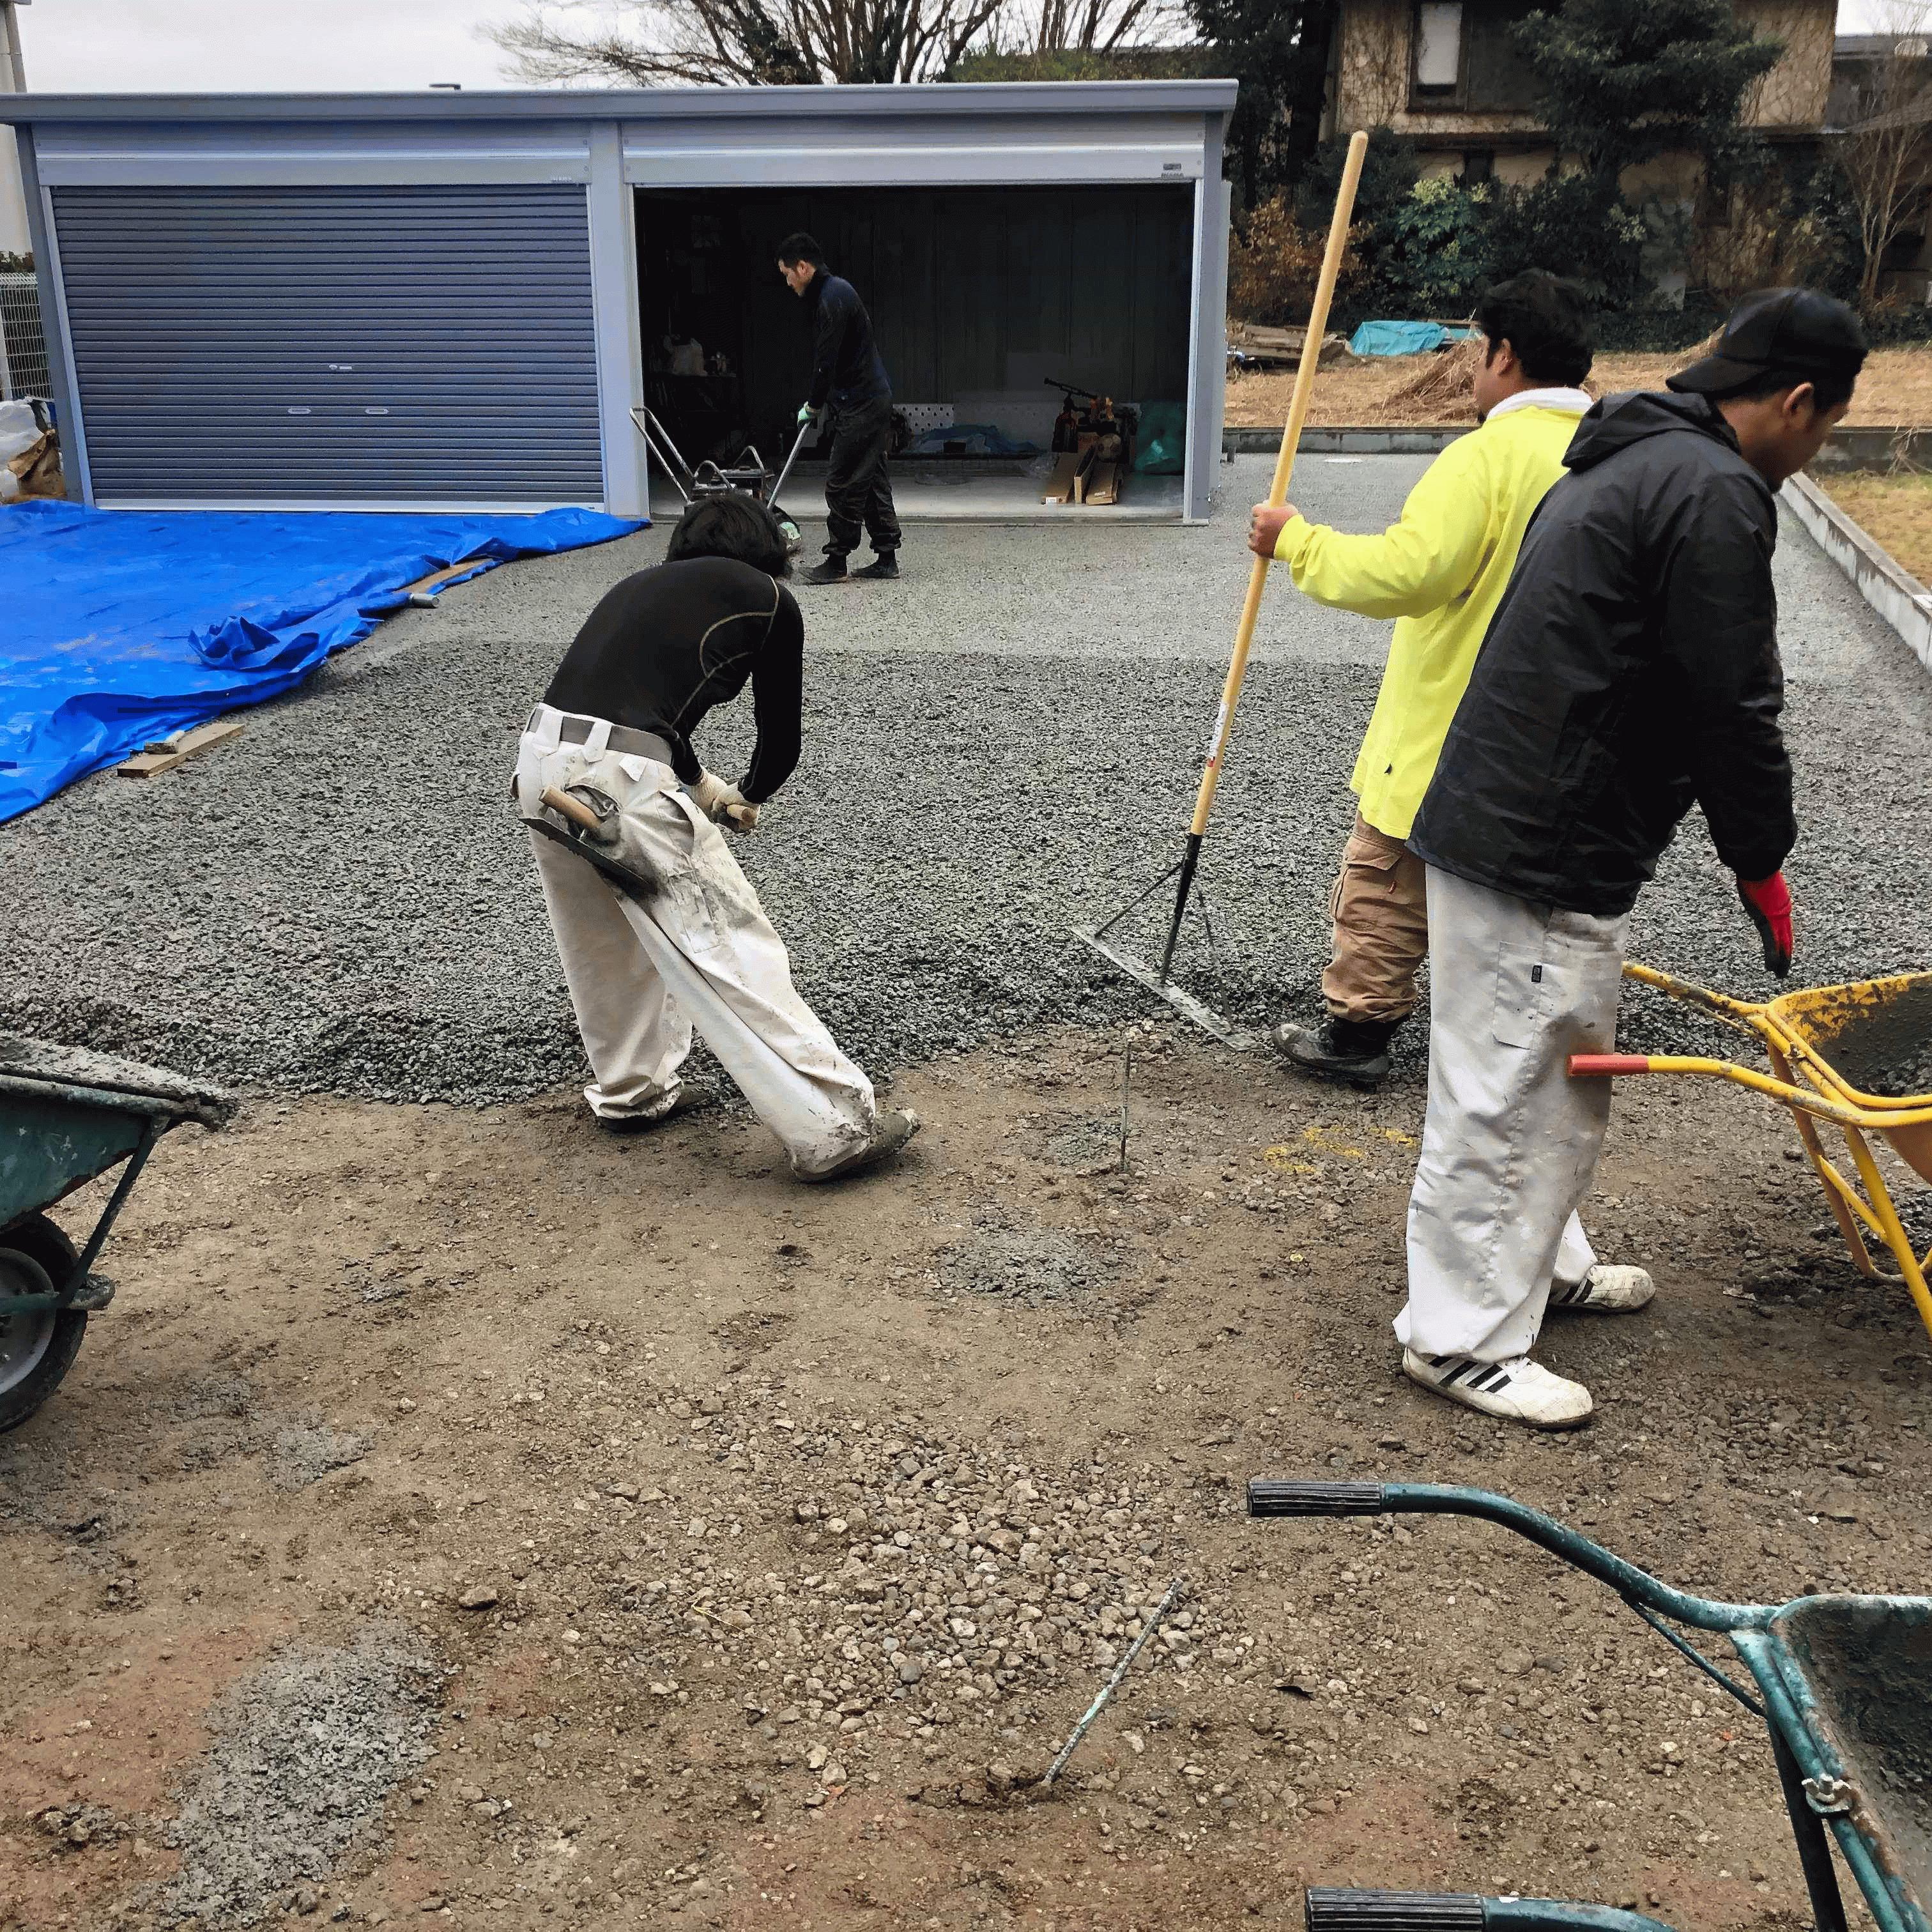 【千葉】「最近の素人はマジですごい」友達集めて150m2駐車場5人DIY・土間コン